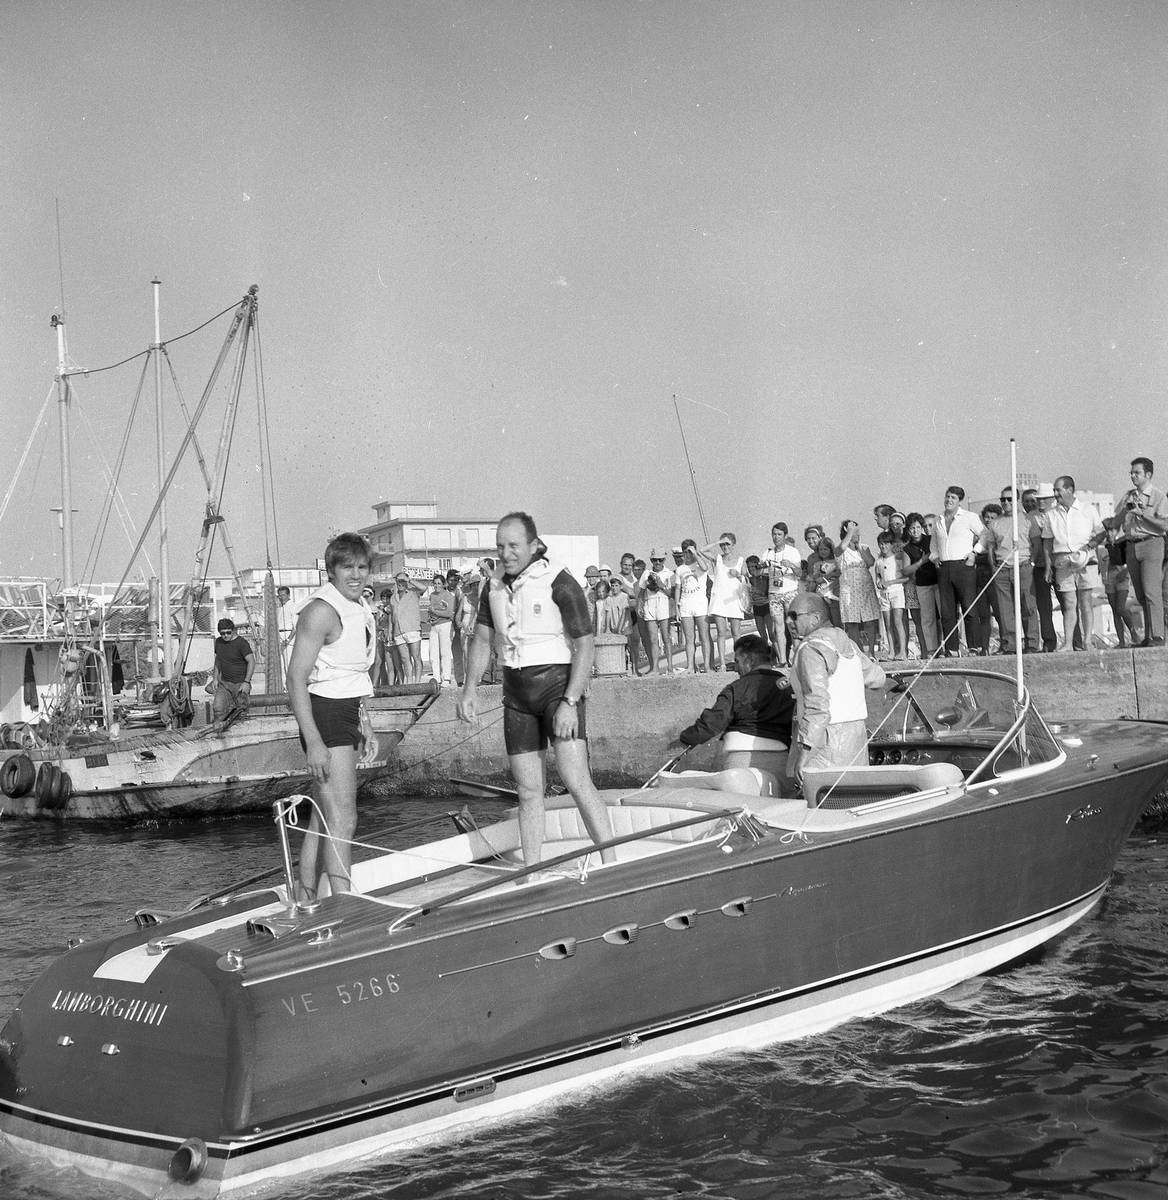 Ferrucio Riva Aquarama Boat Is UP FOR SALE It Features TWO LAMBORGHINI V12 ENGINES 10